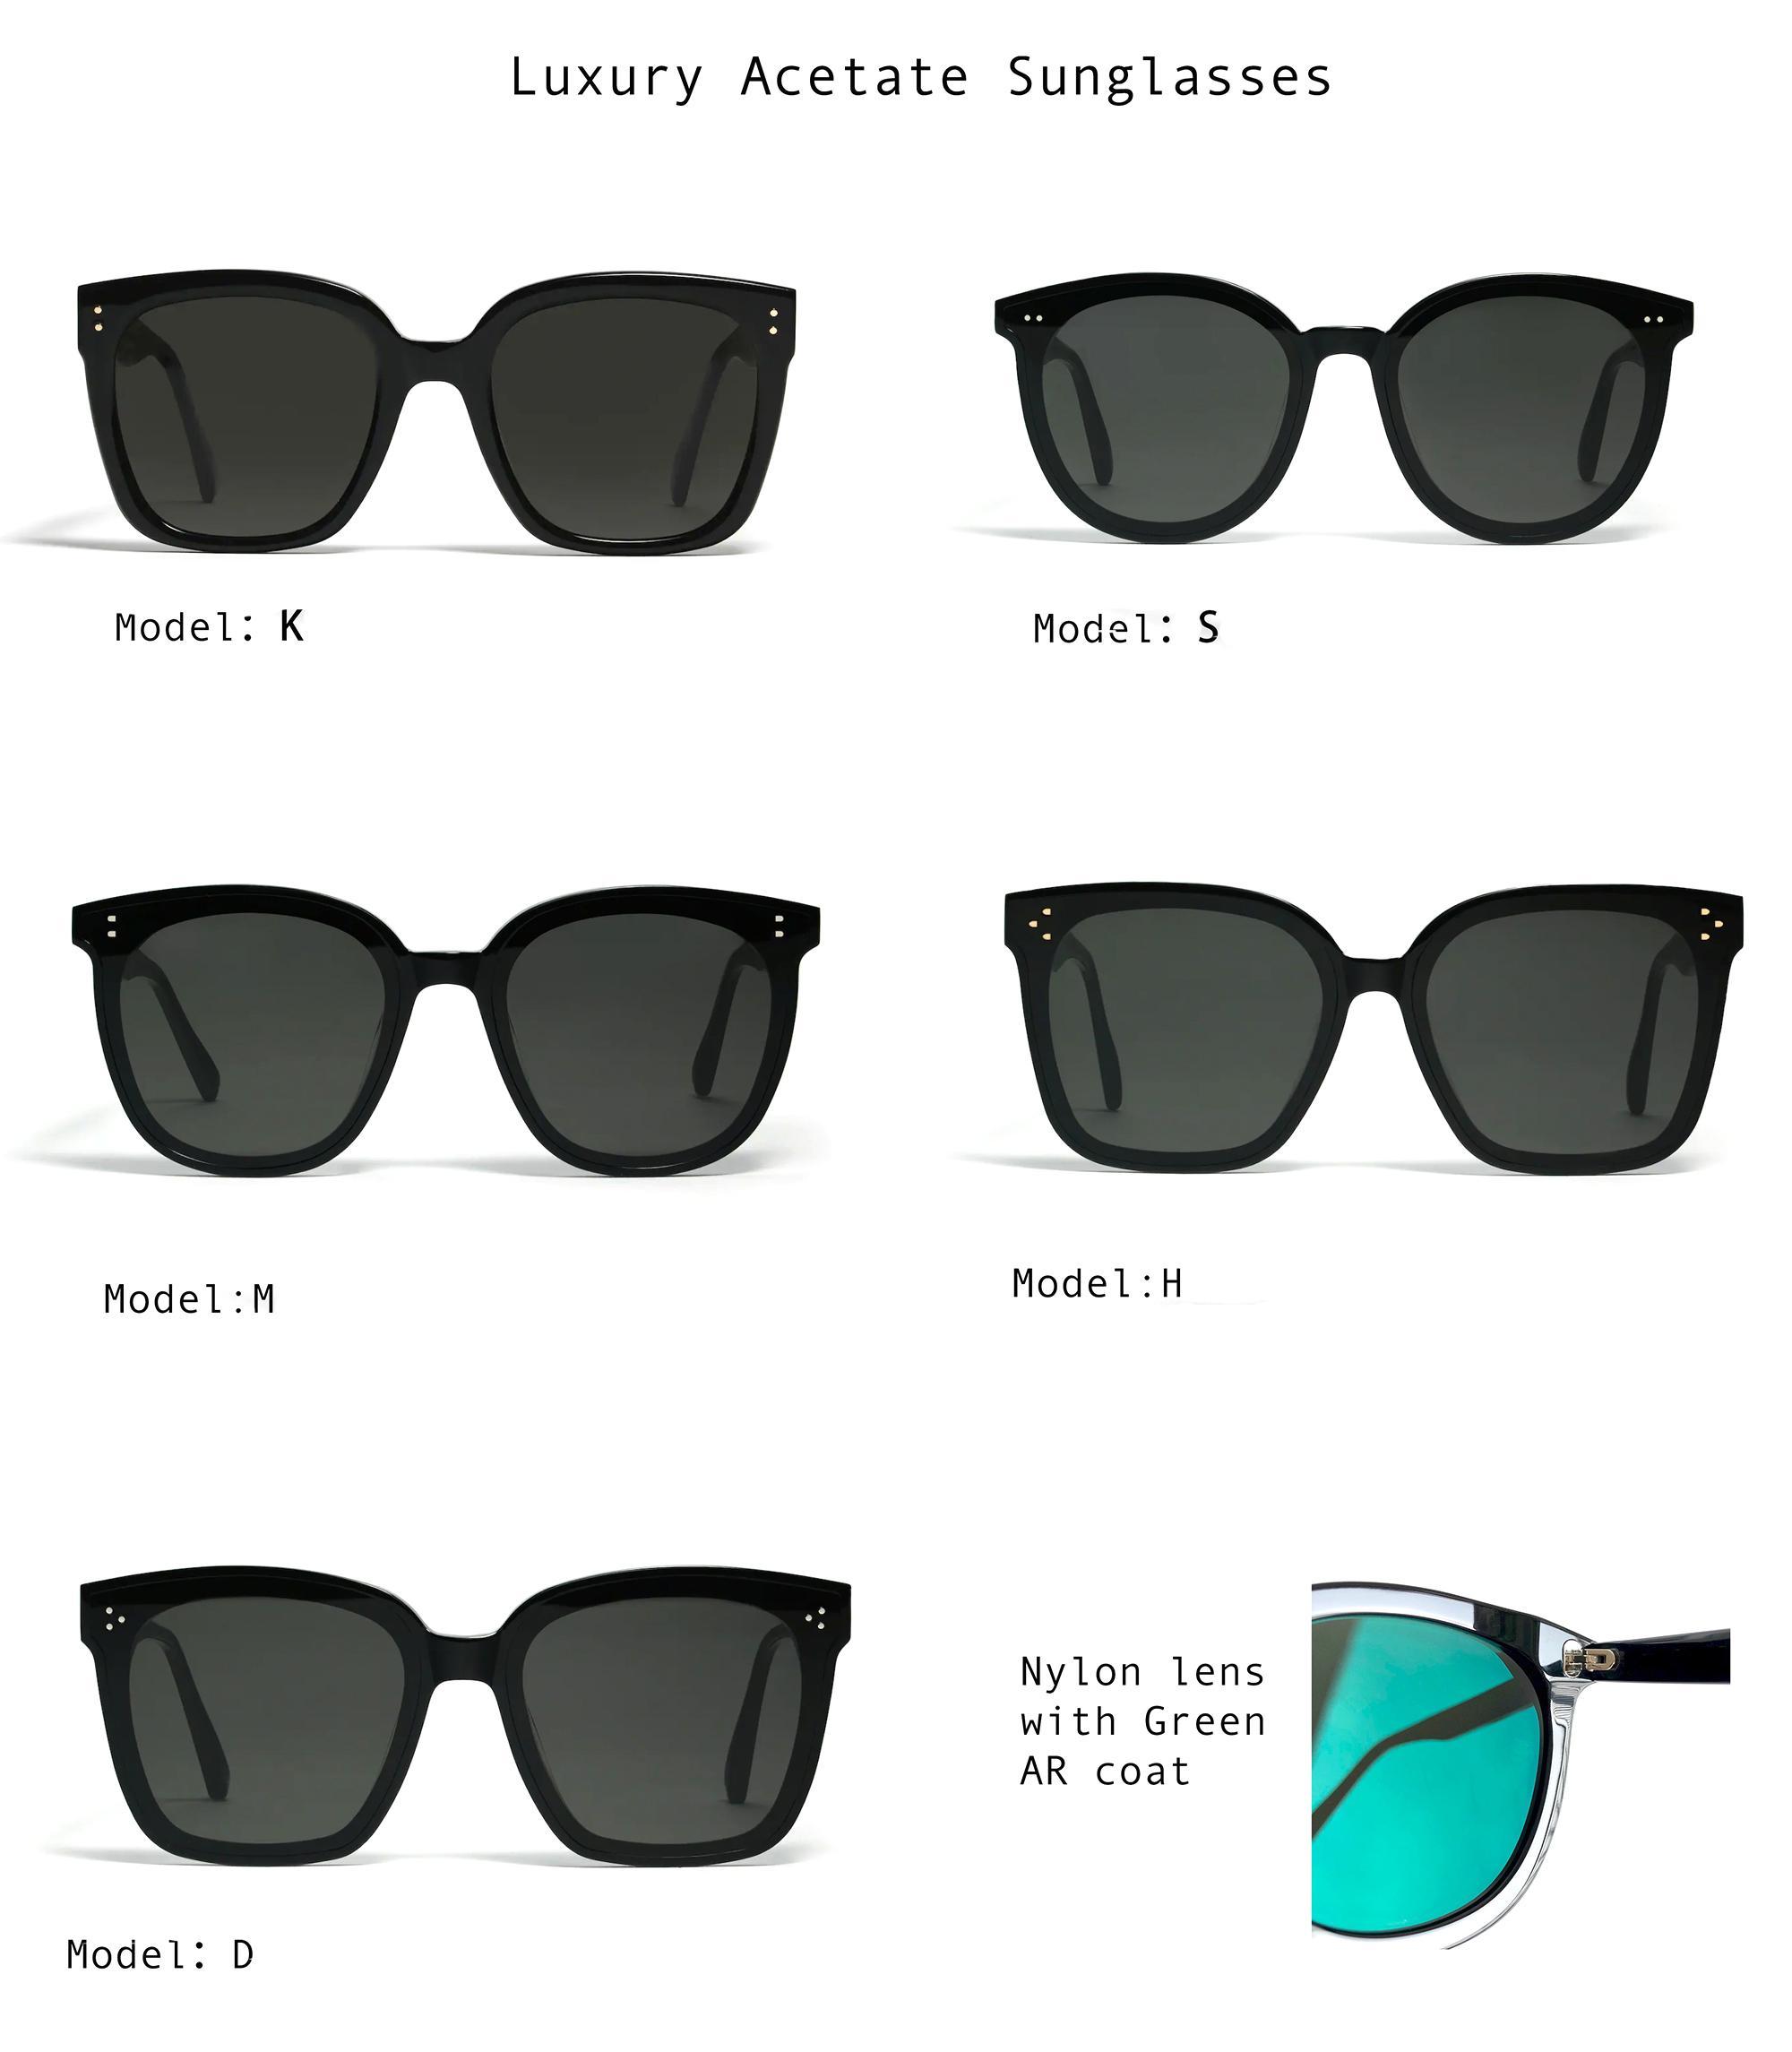 Óculos de sol quadrados dos óculos de sol dos óculos para mulheres, lente de nylon do quadro do acetato de alta dimensão GM